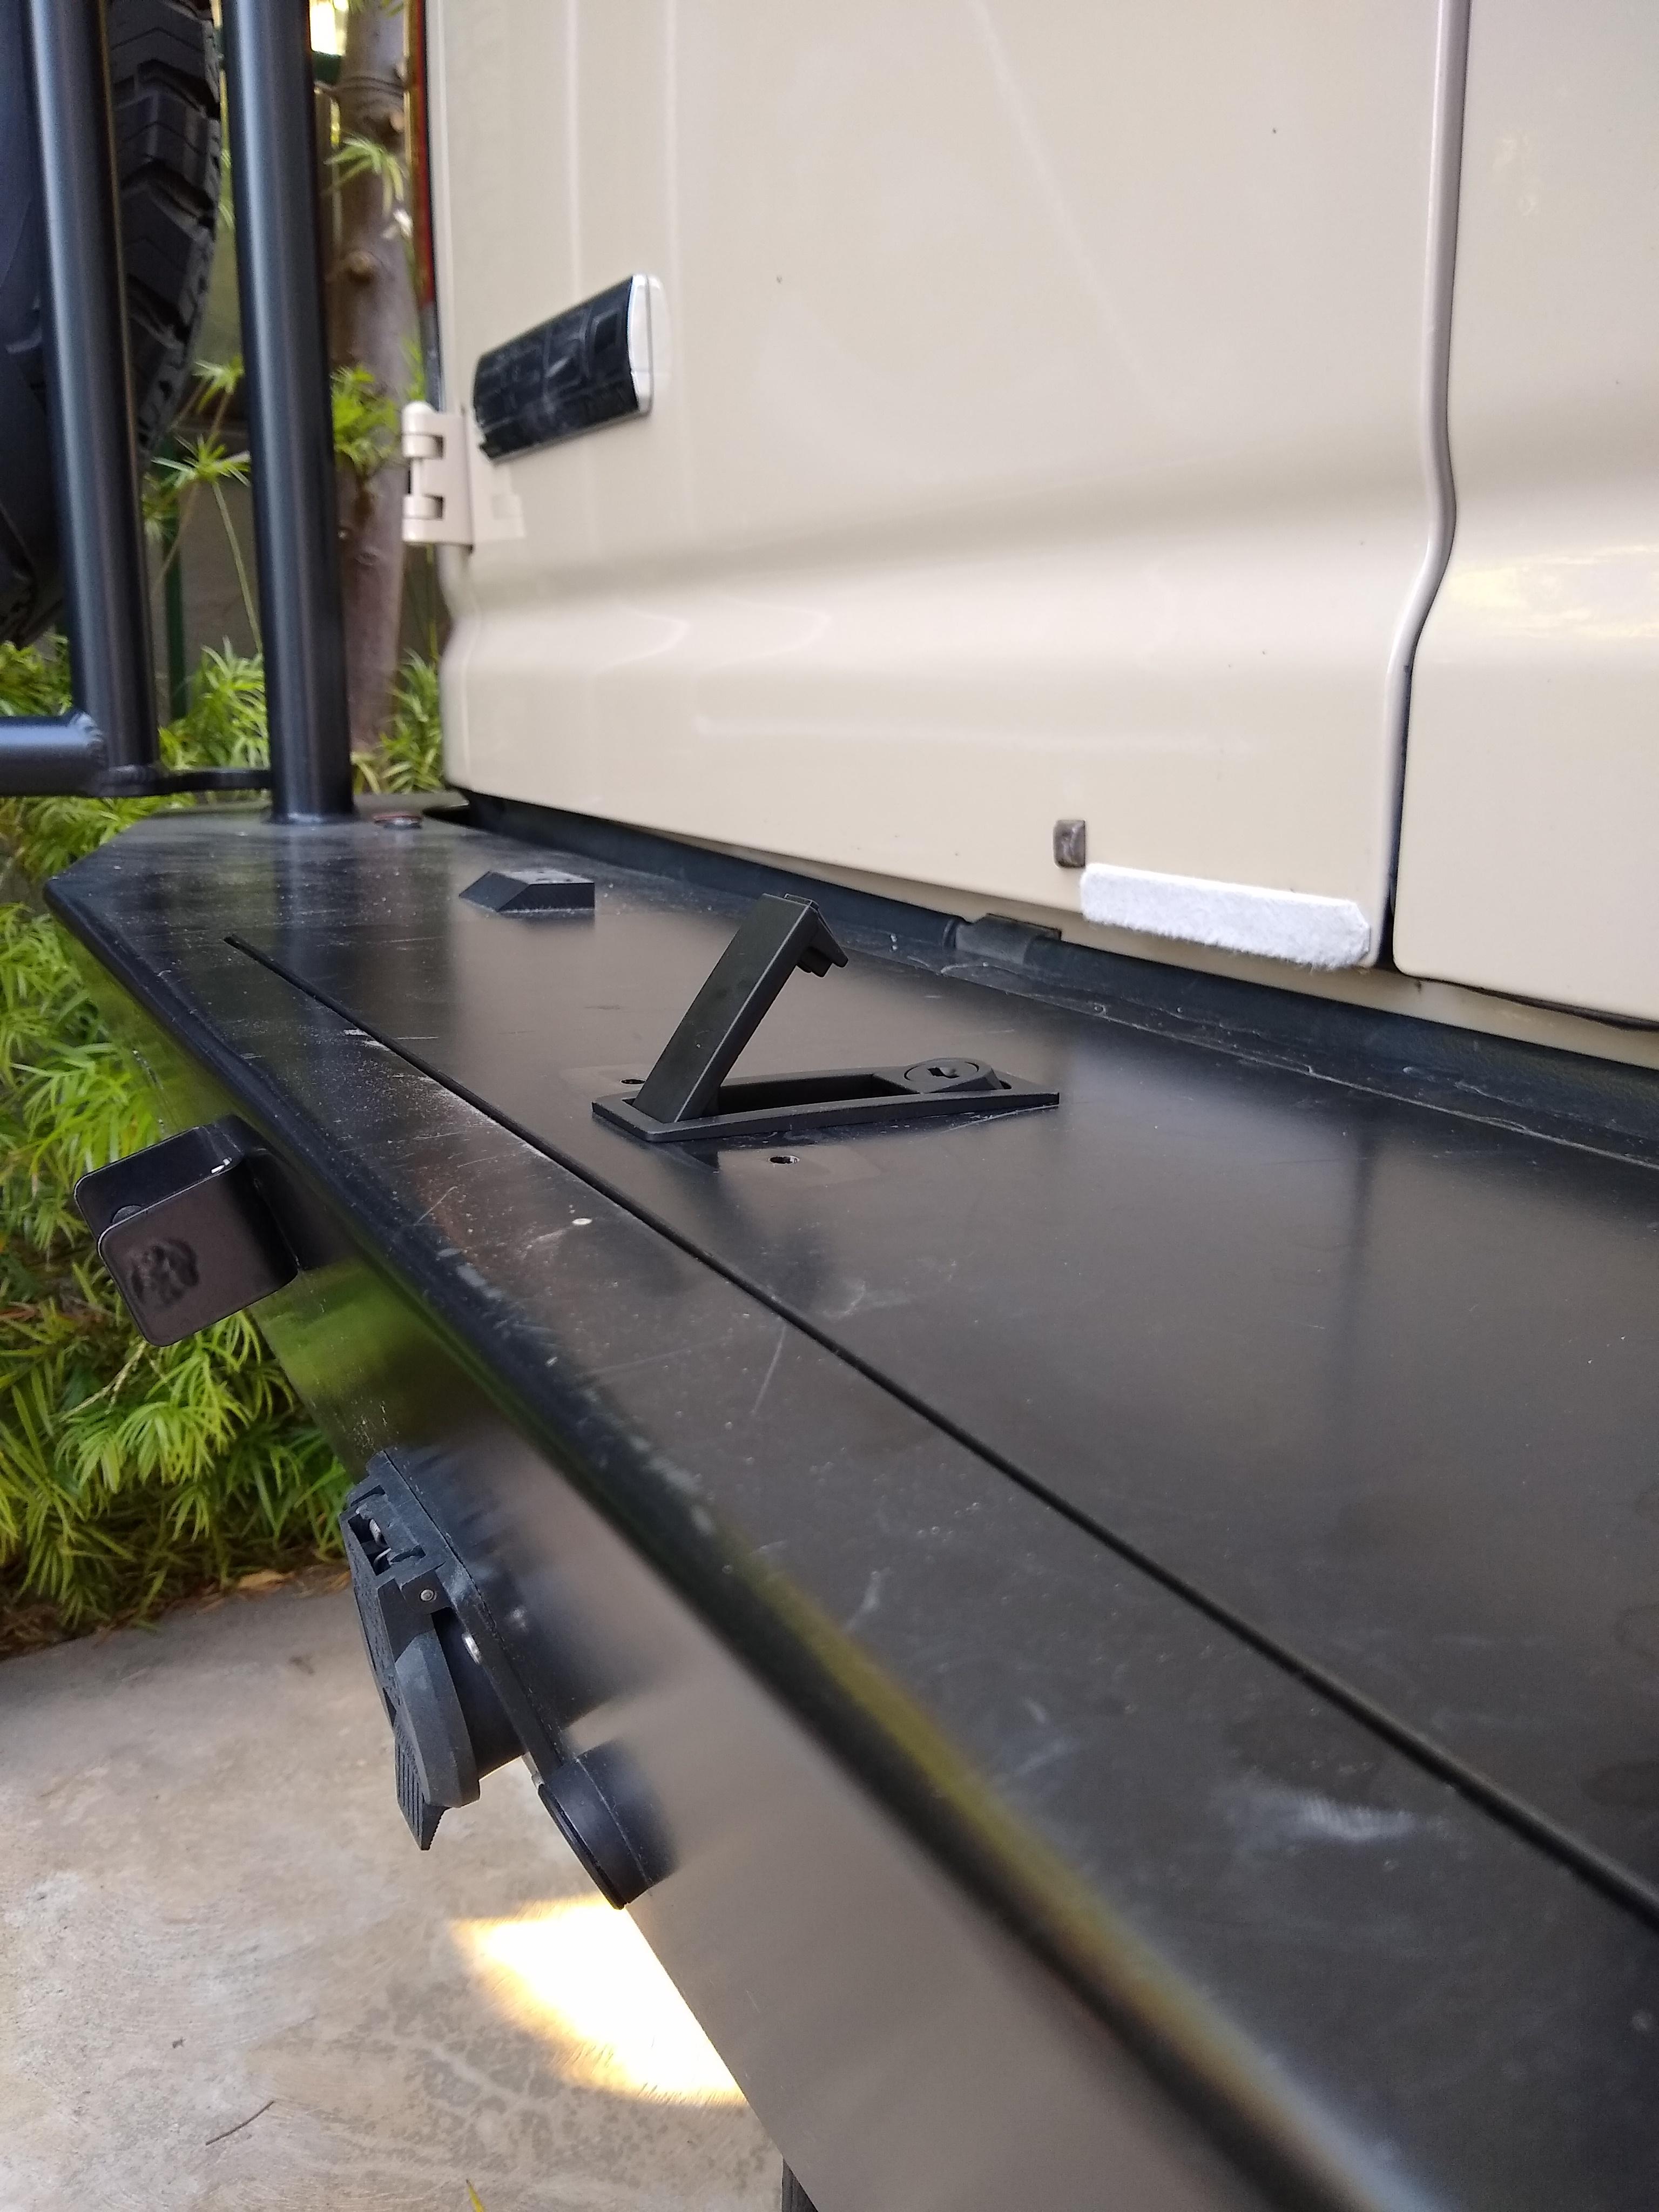 Bumper storage latch 8